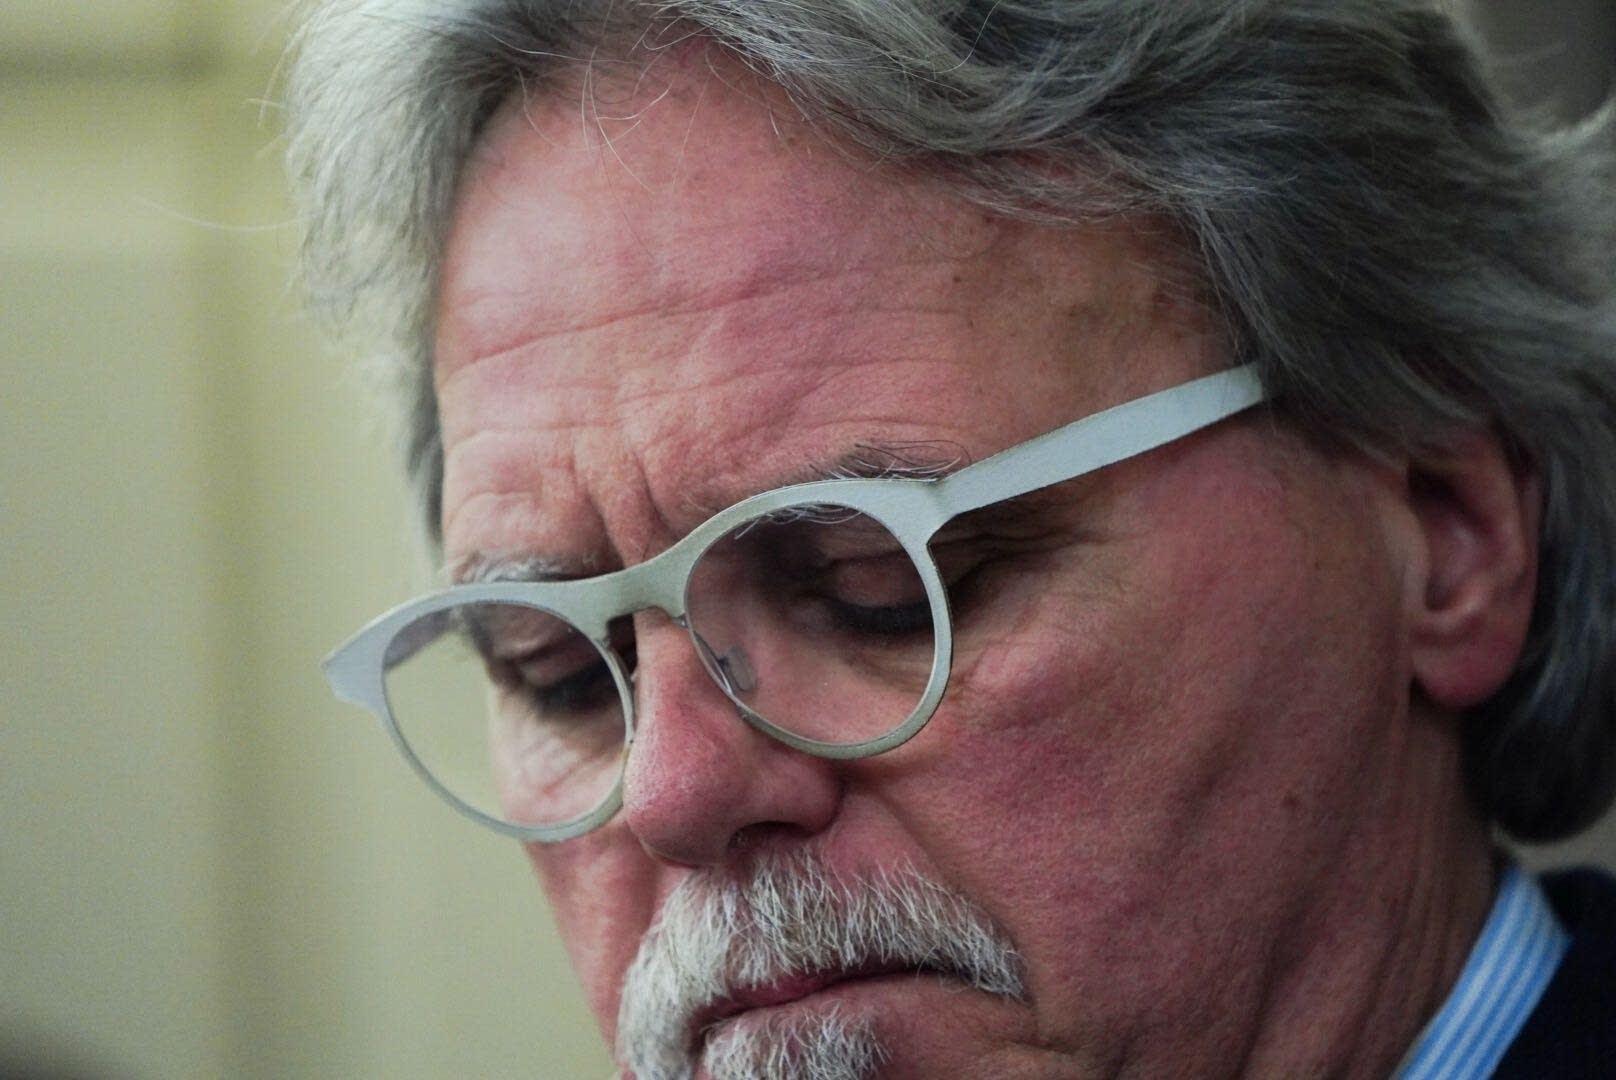 John Ruszczyk, Justine Ruszczyk's father